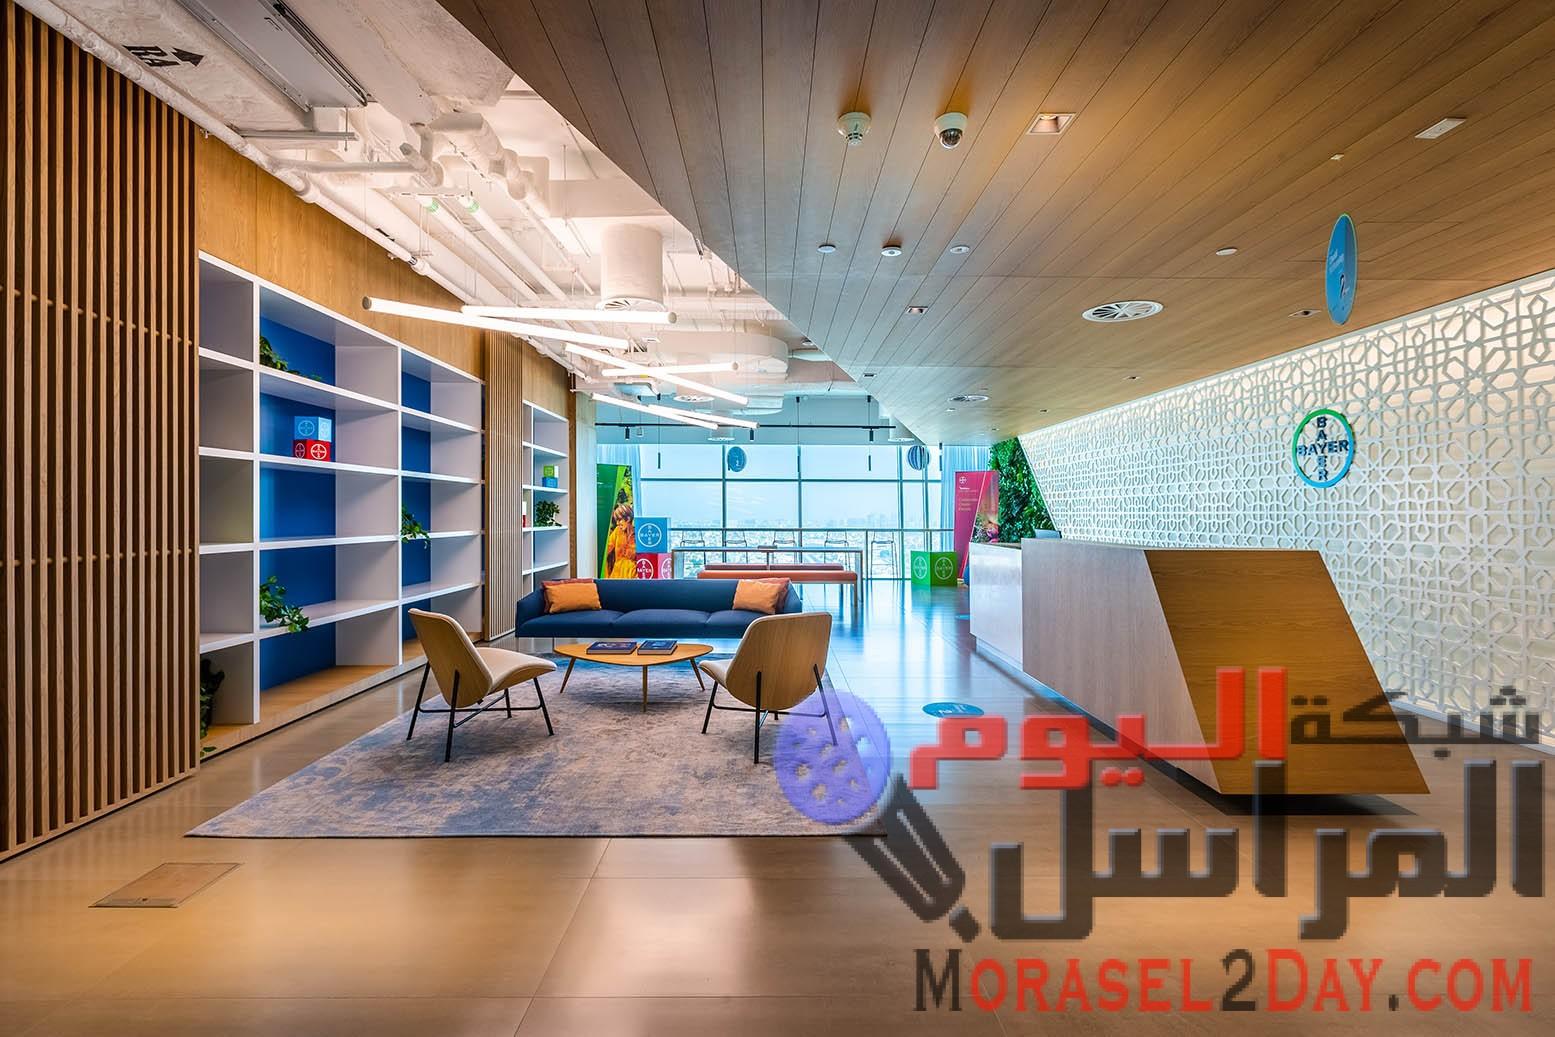 باير الشرق الأوسط تفتتح مكتبها الإقليمي الجديد ضمن مُجمع دبي للعلوم